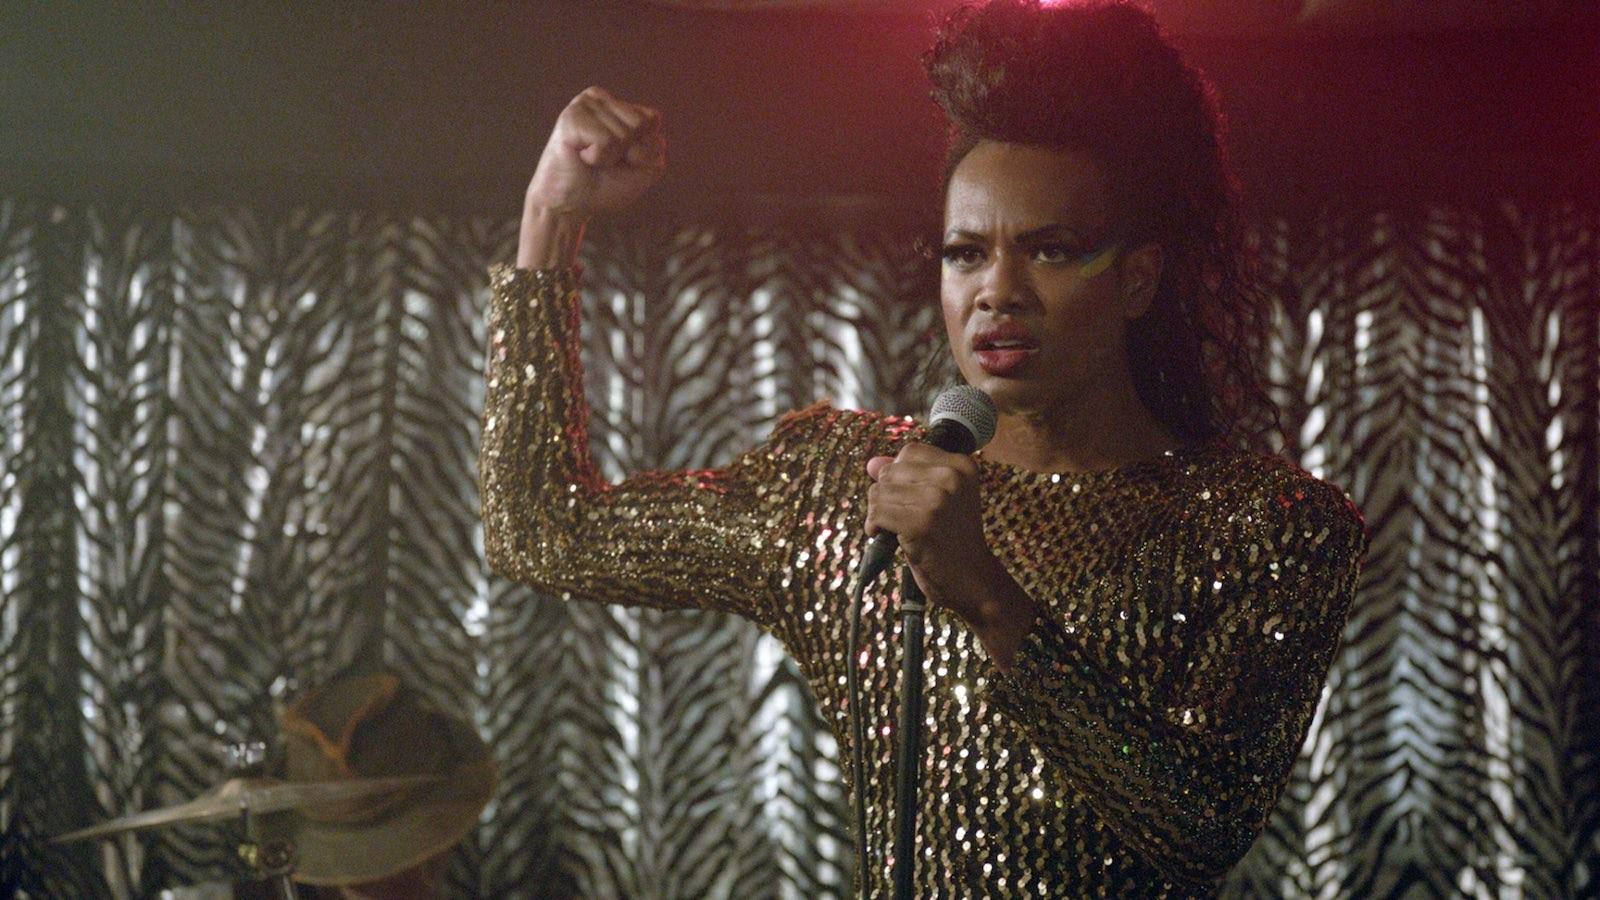 İzleyin: Yeni Drag Filmi, Maskülenliğin Cesur Bir Keşfi